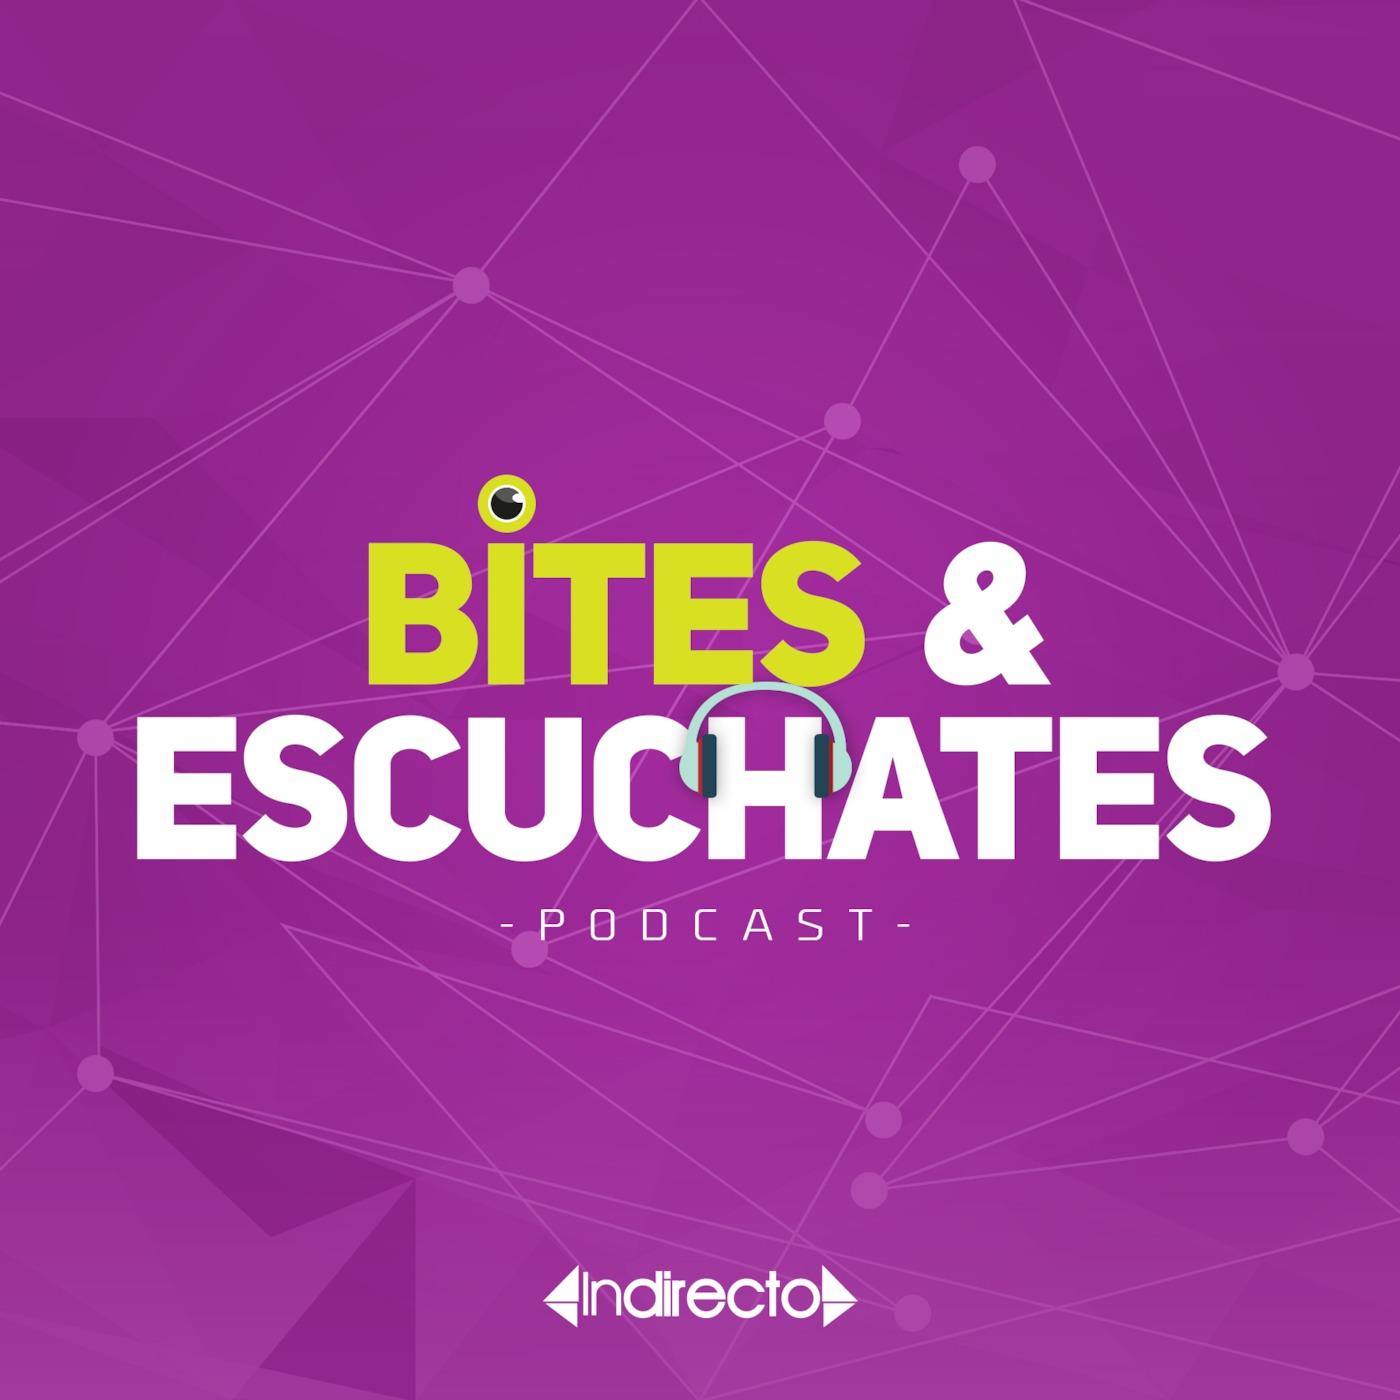 Bites & Escuchates' Podcast